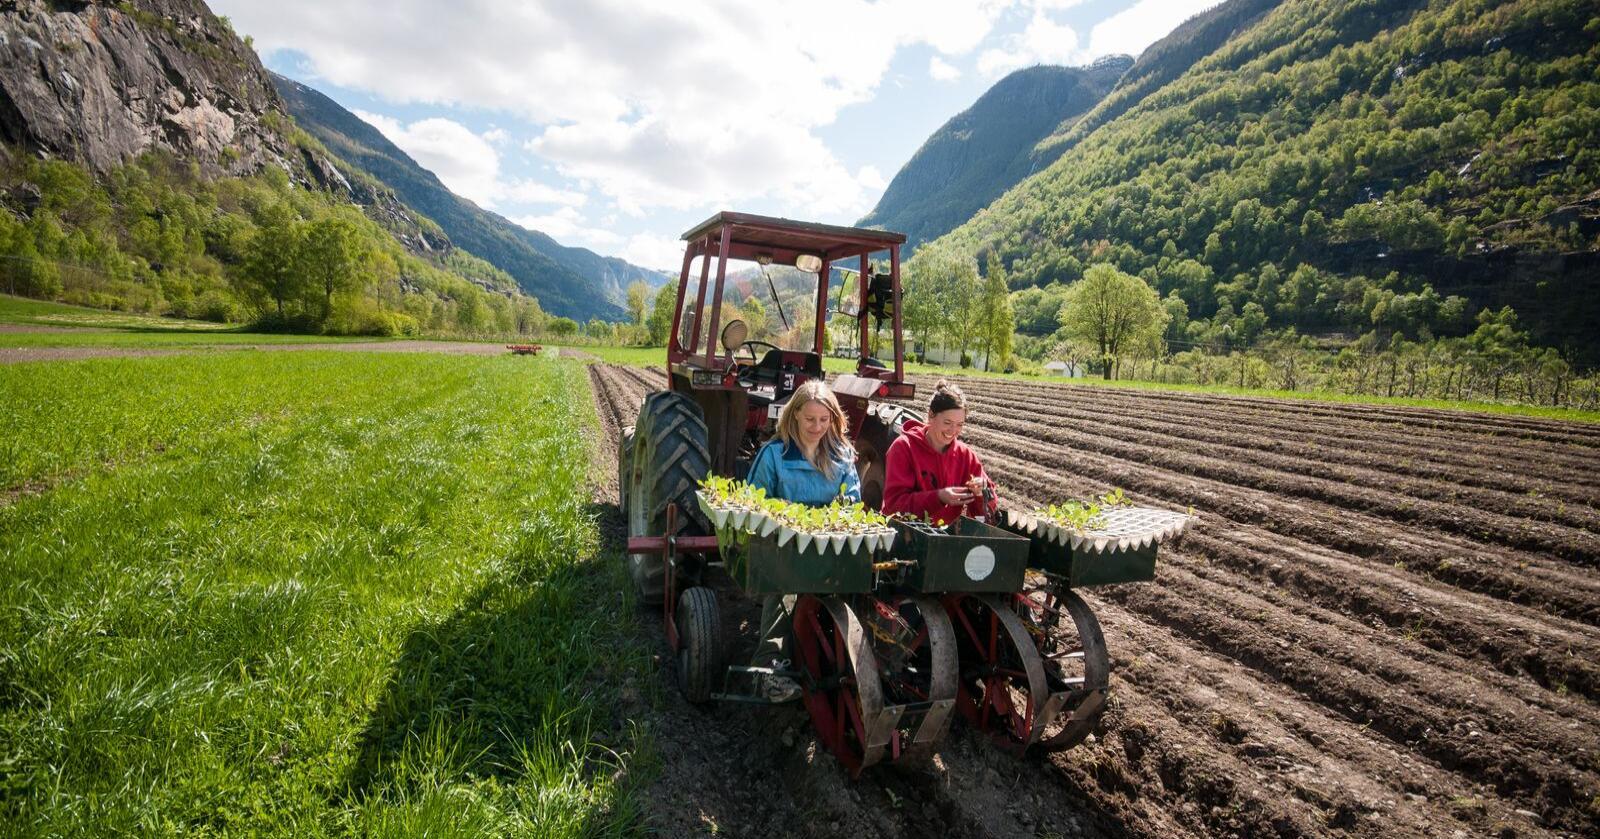 Forskjell: I Norge er 4,2 prosent av jordbruksarealet økologisk. I Sverige er andelen 20,4 prosent. Nå skal utviklingen være etterspørselsdrevet. Bildet er fra Aurland. Foto: Tom Boersma